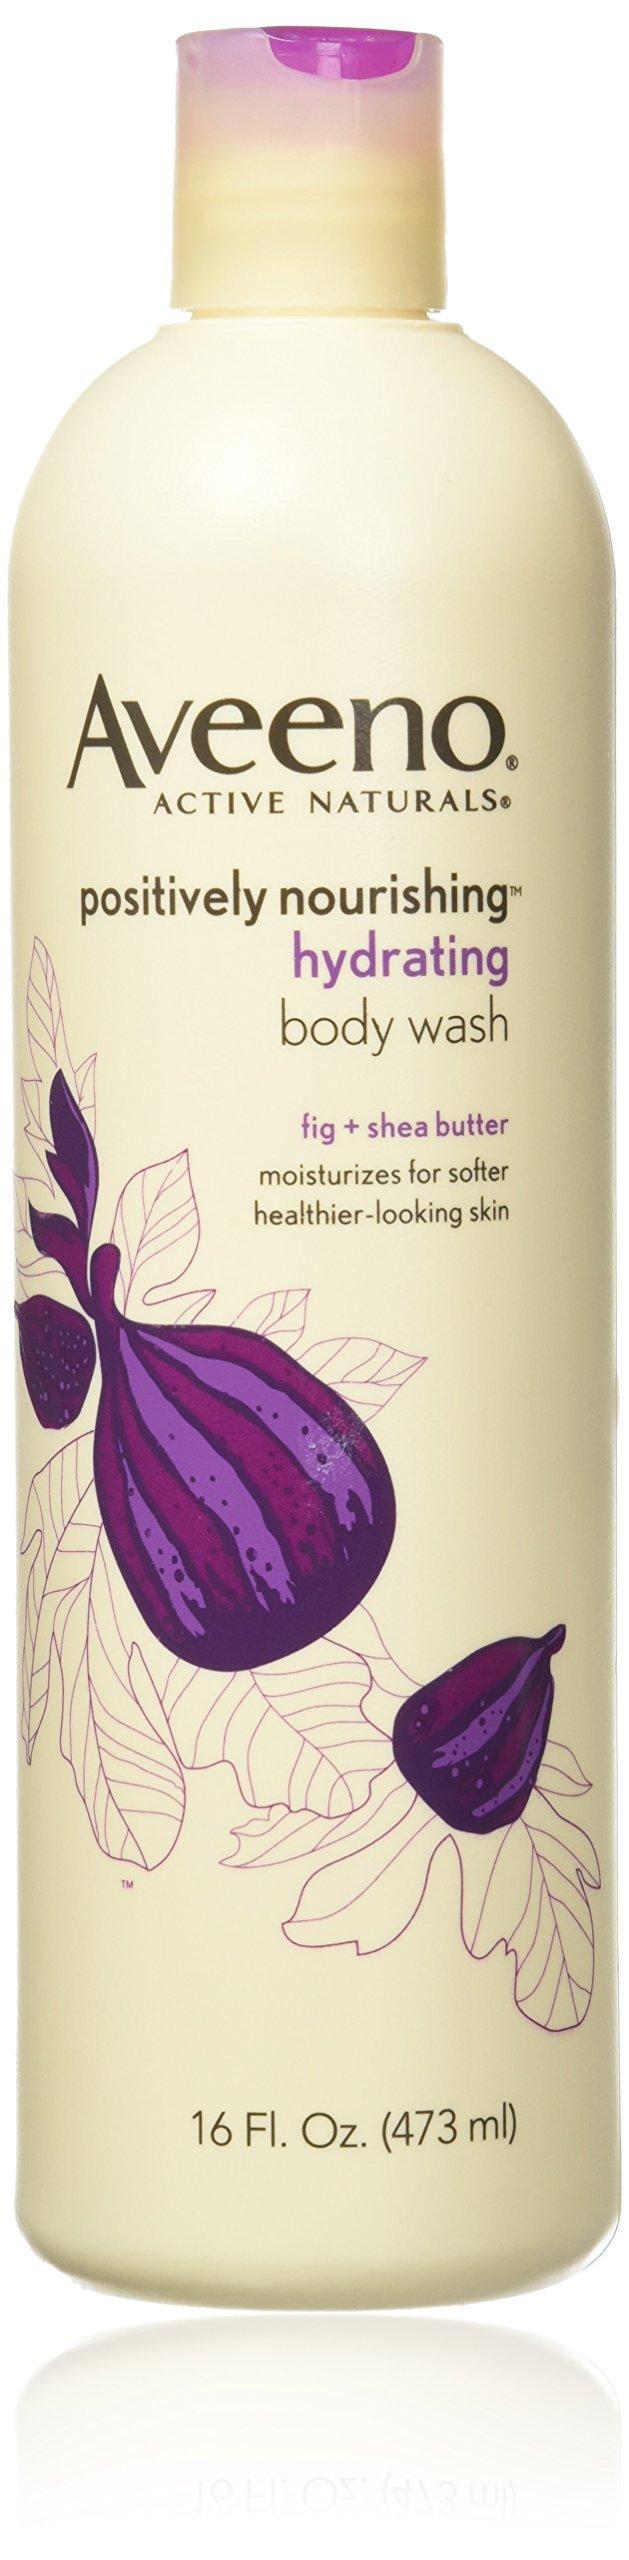 Aveeno Positively Nourishing Hydrating Body Wash, For Dry Skin 16 Fl. Oz